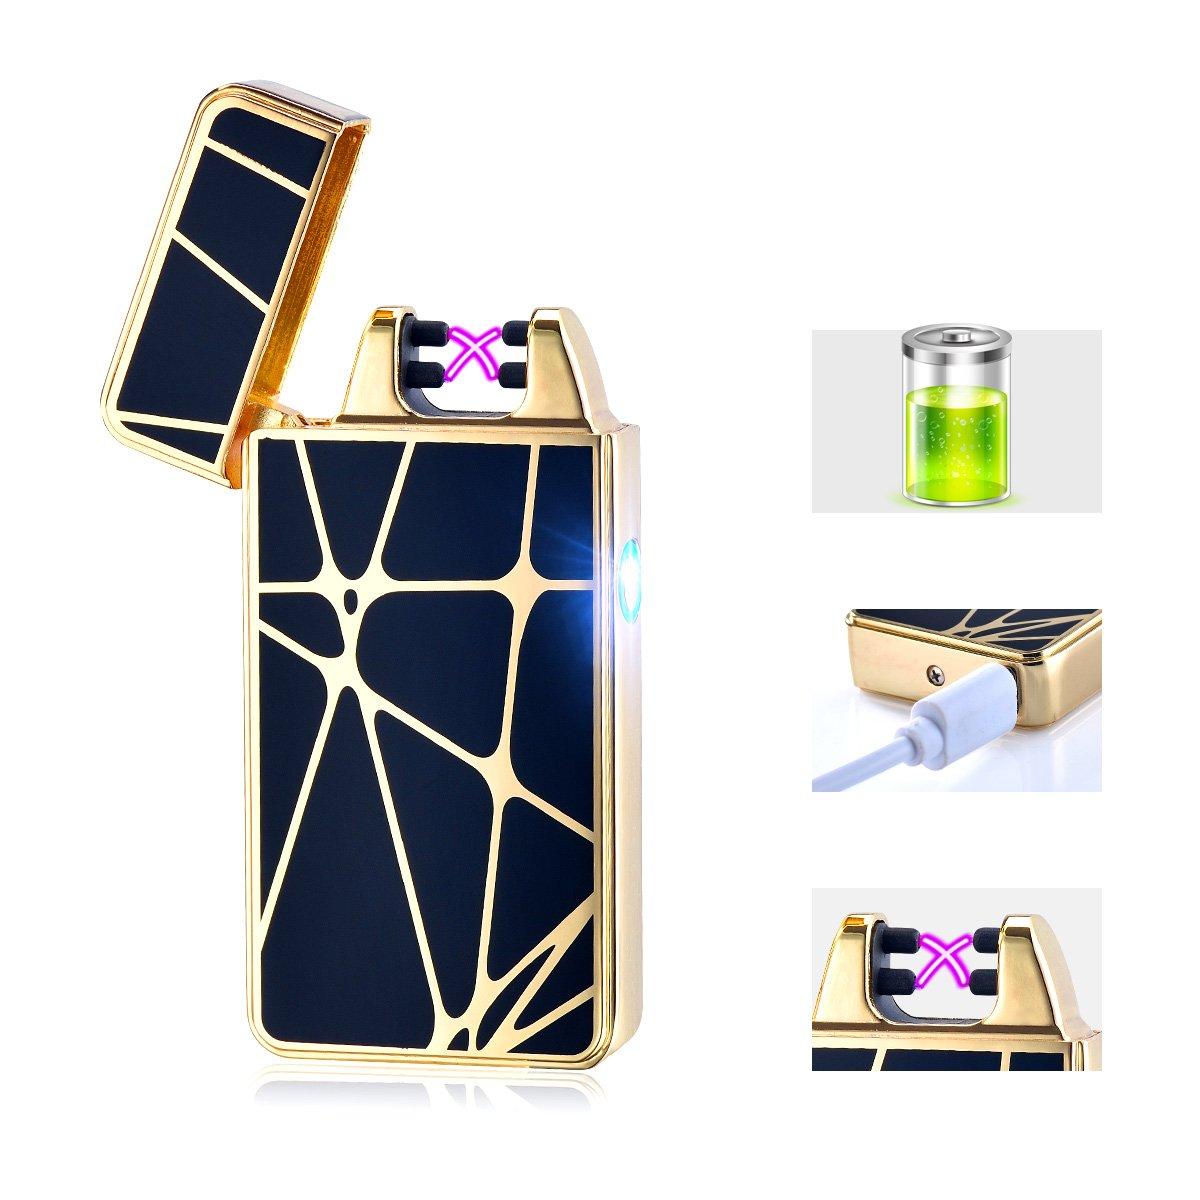 Accendino Arc elettrico antivento, ricaricabile con USB, senza fiamma, accendino per sigarette ricaricabile, ottimo regalo, senza gas, High-Gold